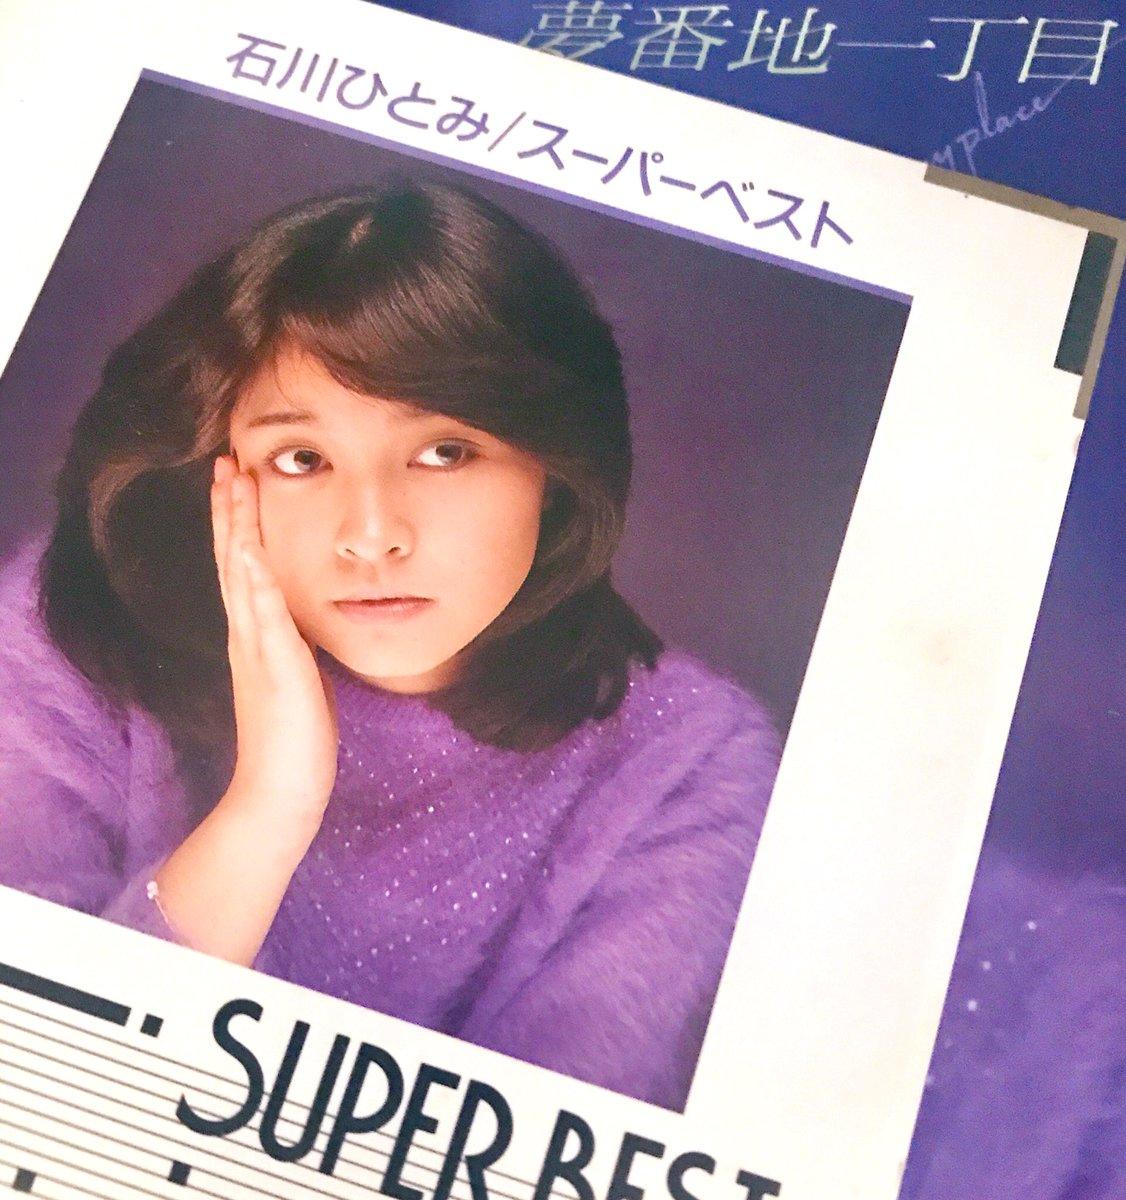 test ツイッターメディア - @su_songs CDは87年からでしょうか。自分、初めて買った💿は、石川ひとみさんのスーパーベスト、それからはっぴぃえんどです。 https://t.co/KZQSWAI11u